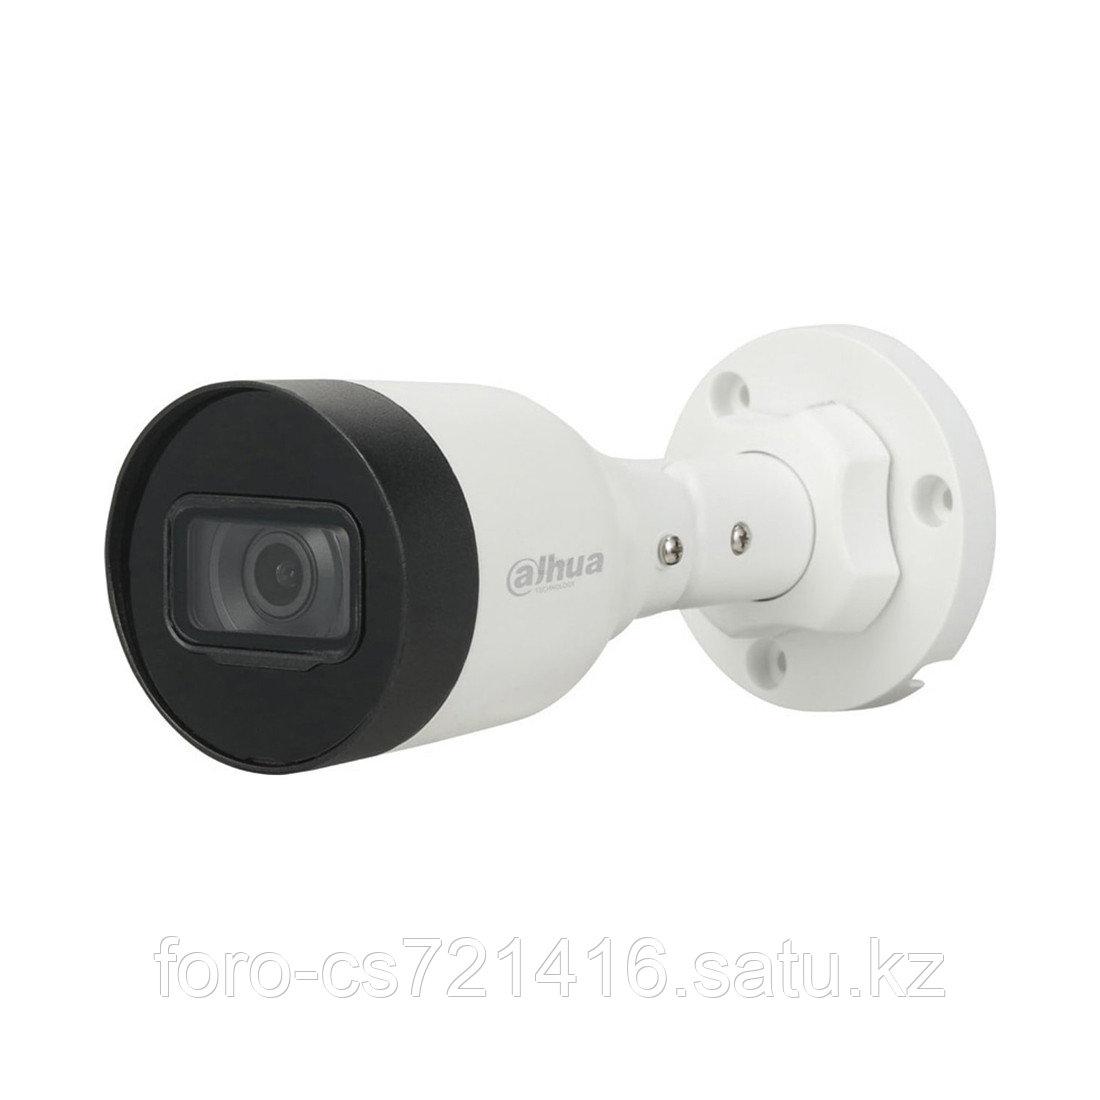 Цилиндрическая видеокамера Dahua DH-IPC-HFW1431S1P-0360B